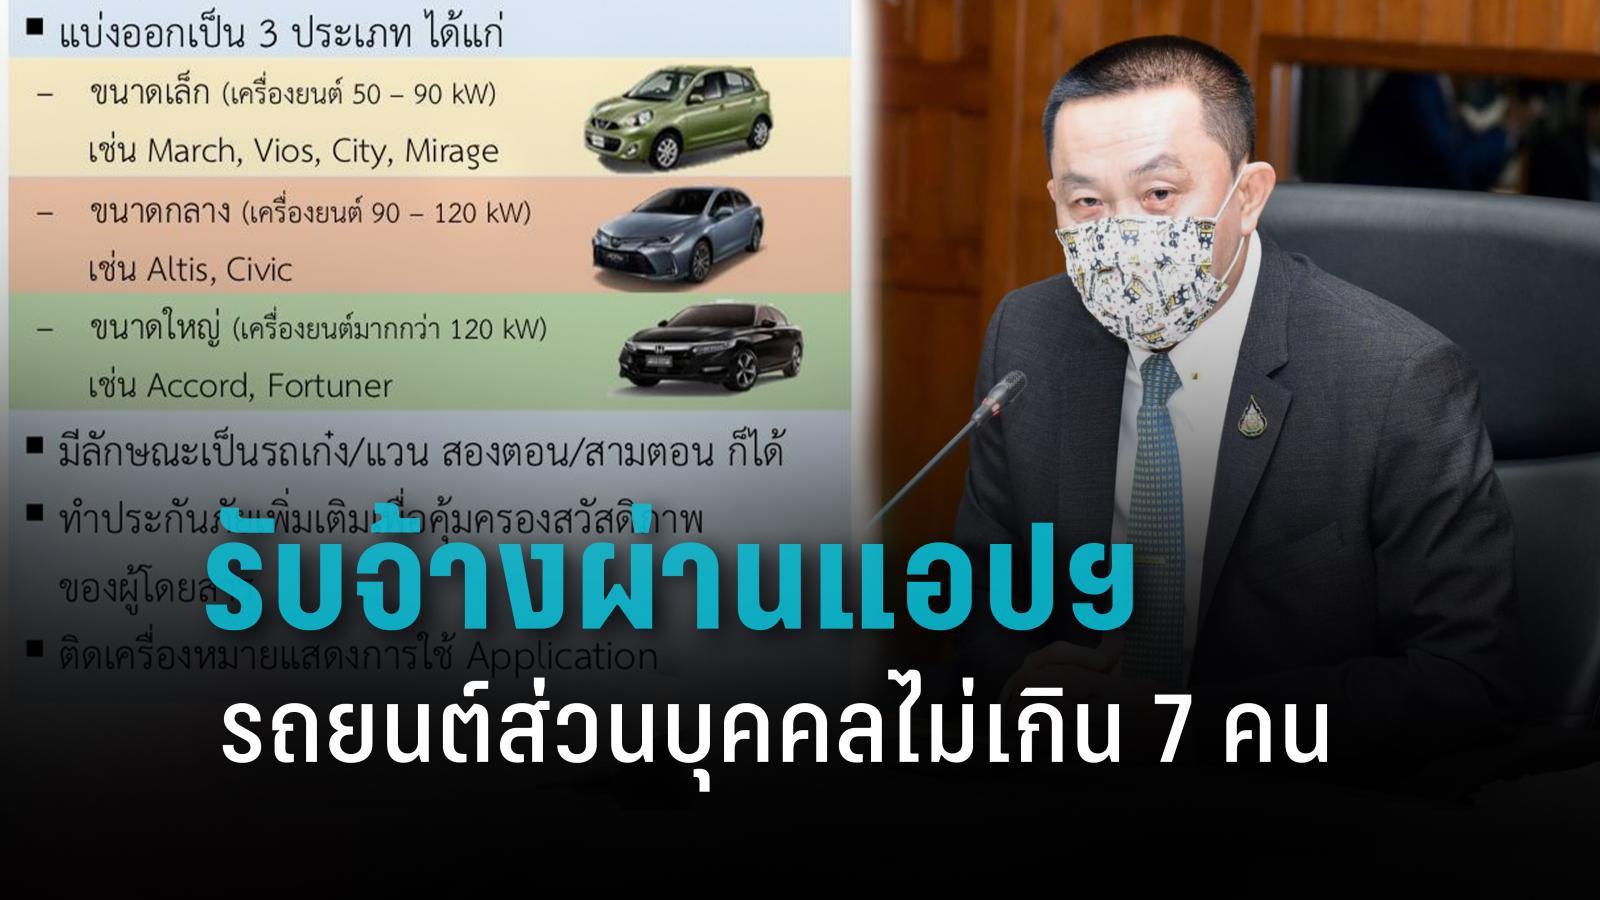 ครม.ไฟเขียว รถยนต์ส่วนบุคคลไม่เกิน 7 คน รับจ้างผ่านแอปฯ ถูกกฎหมาย